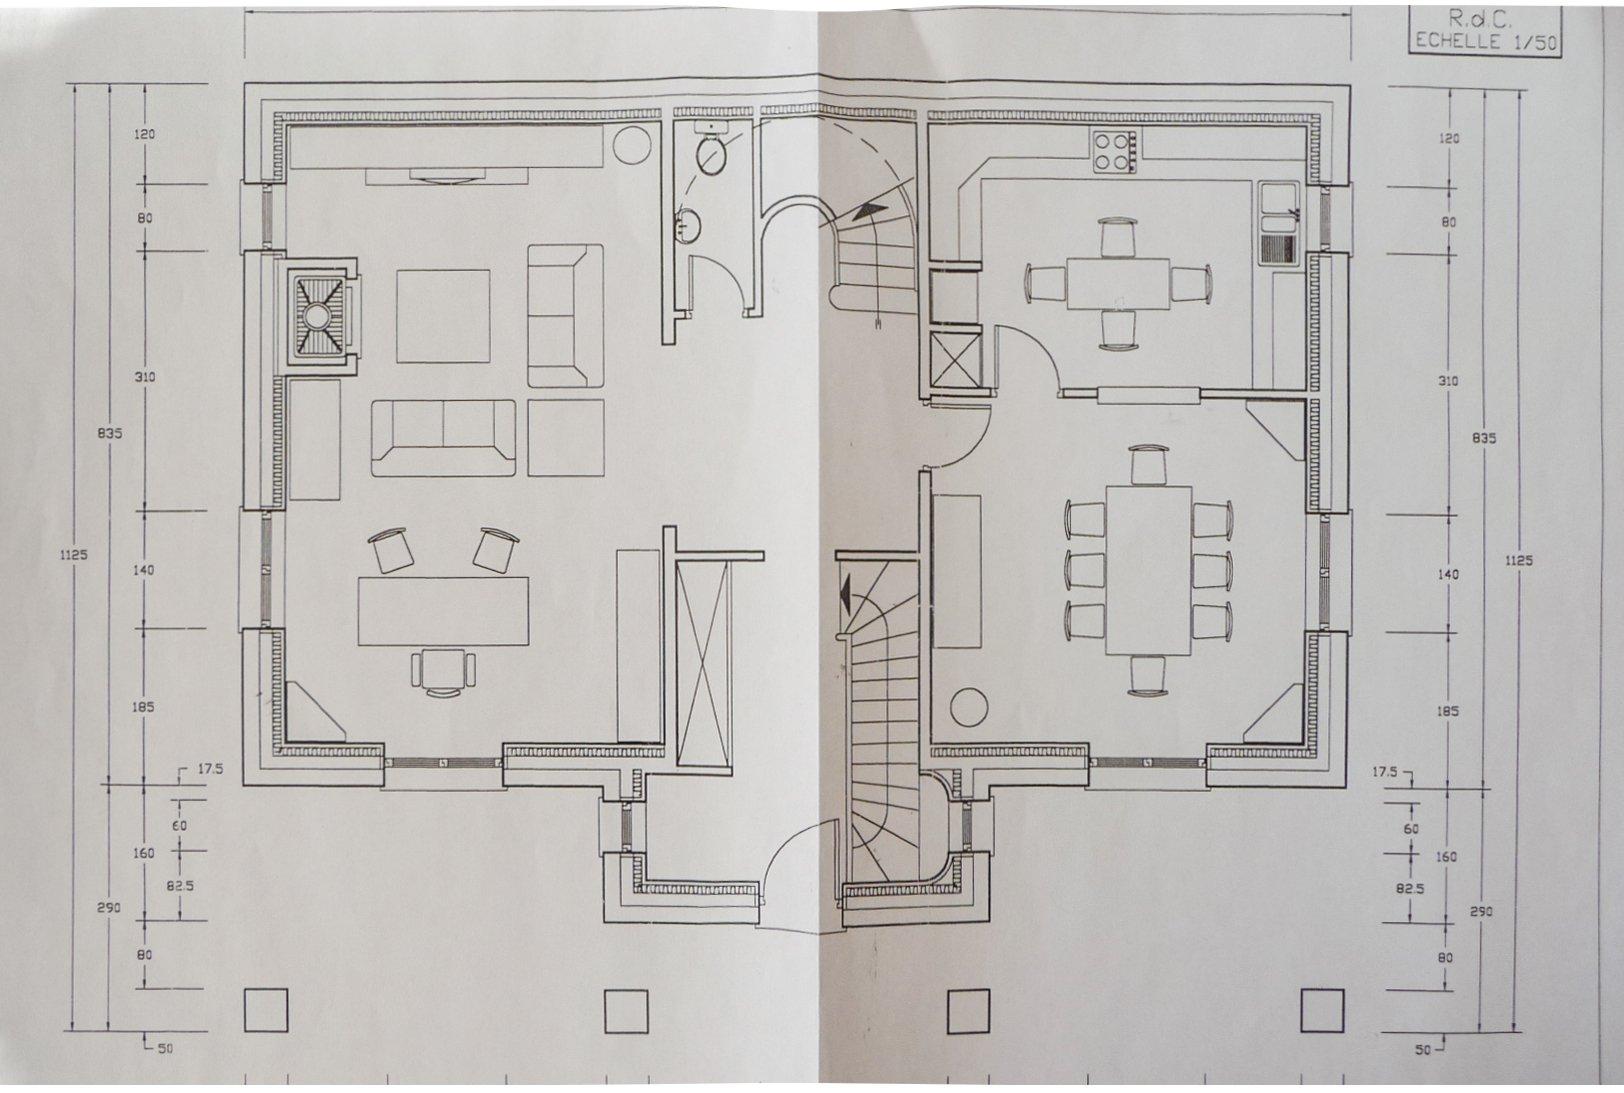 出售 房屋 - Sospel